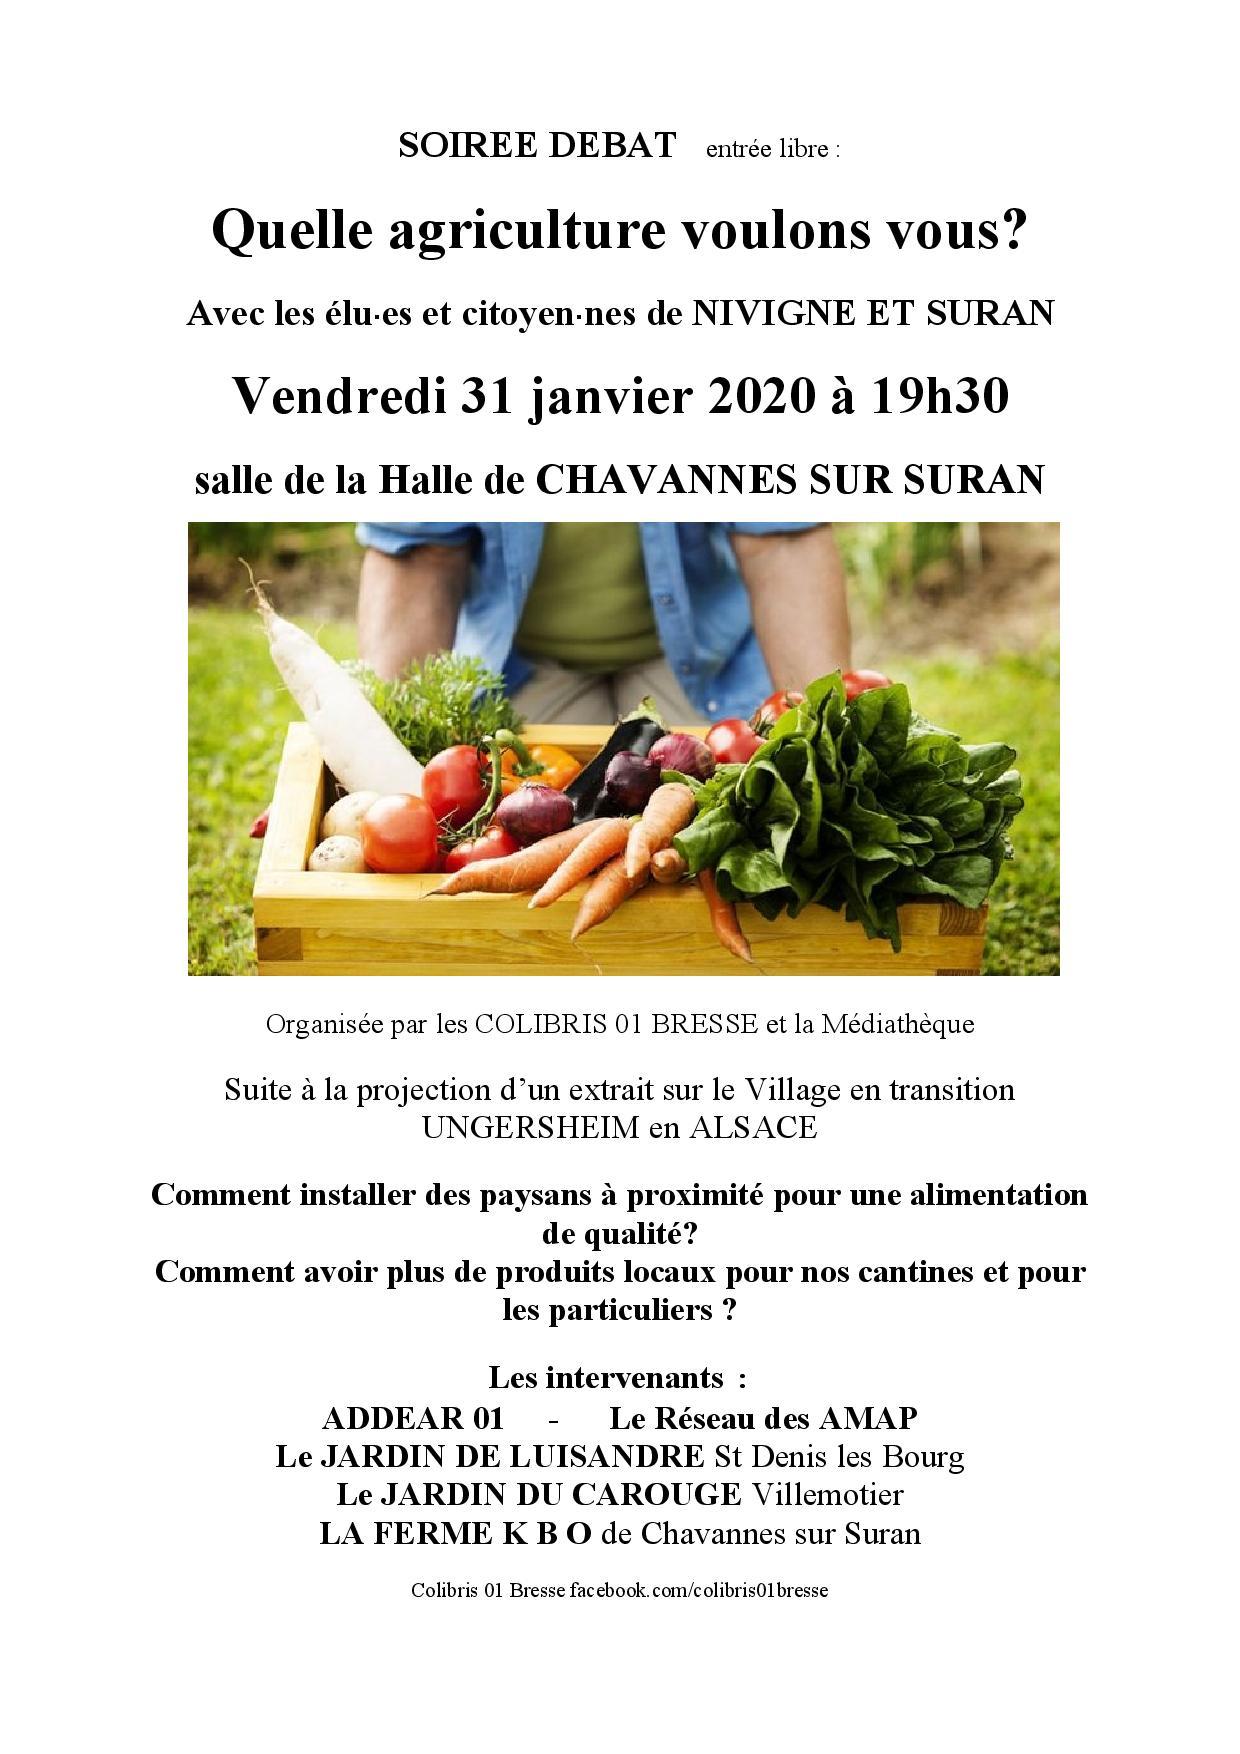 image 2019_11_11_SOIREE_DEBAT_avec_les_lus_et_citoyenspage001.jpg (0.2MB)